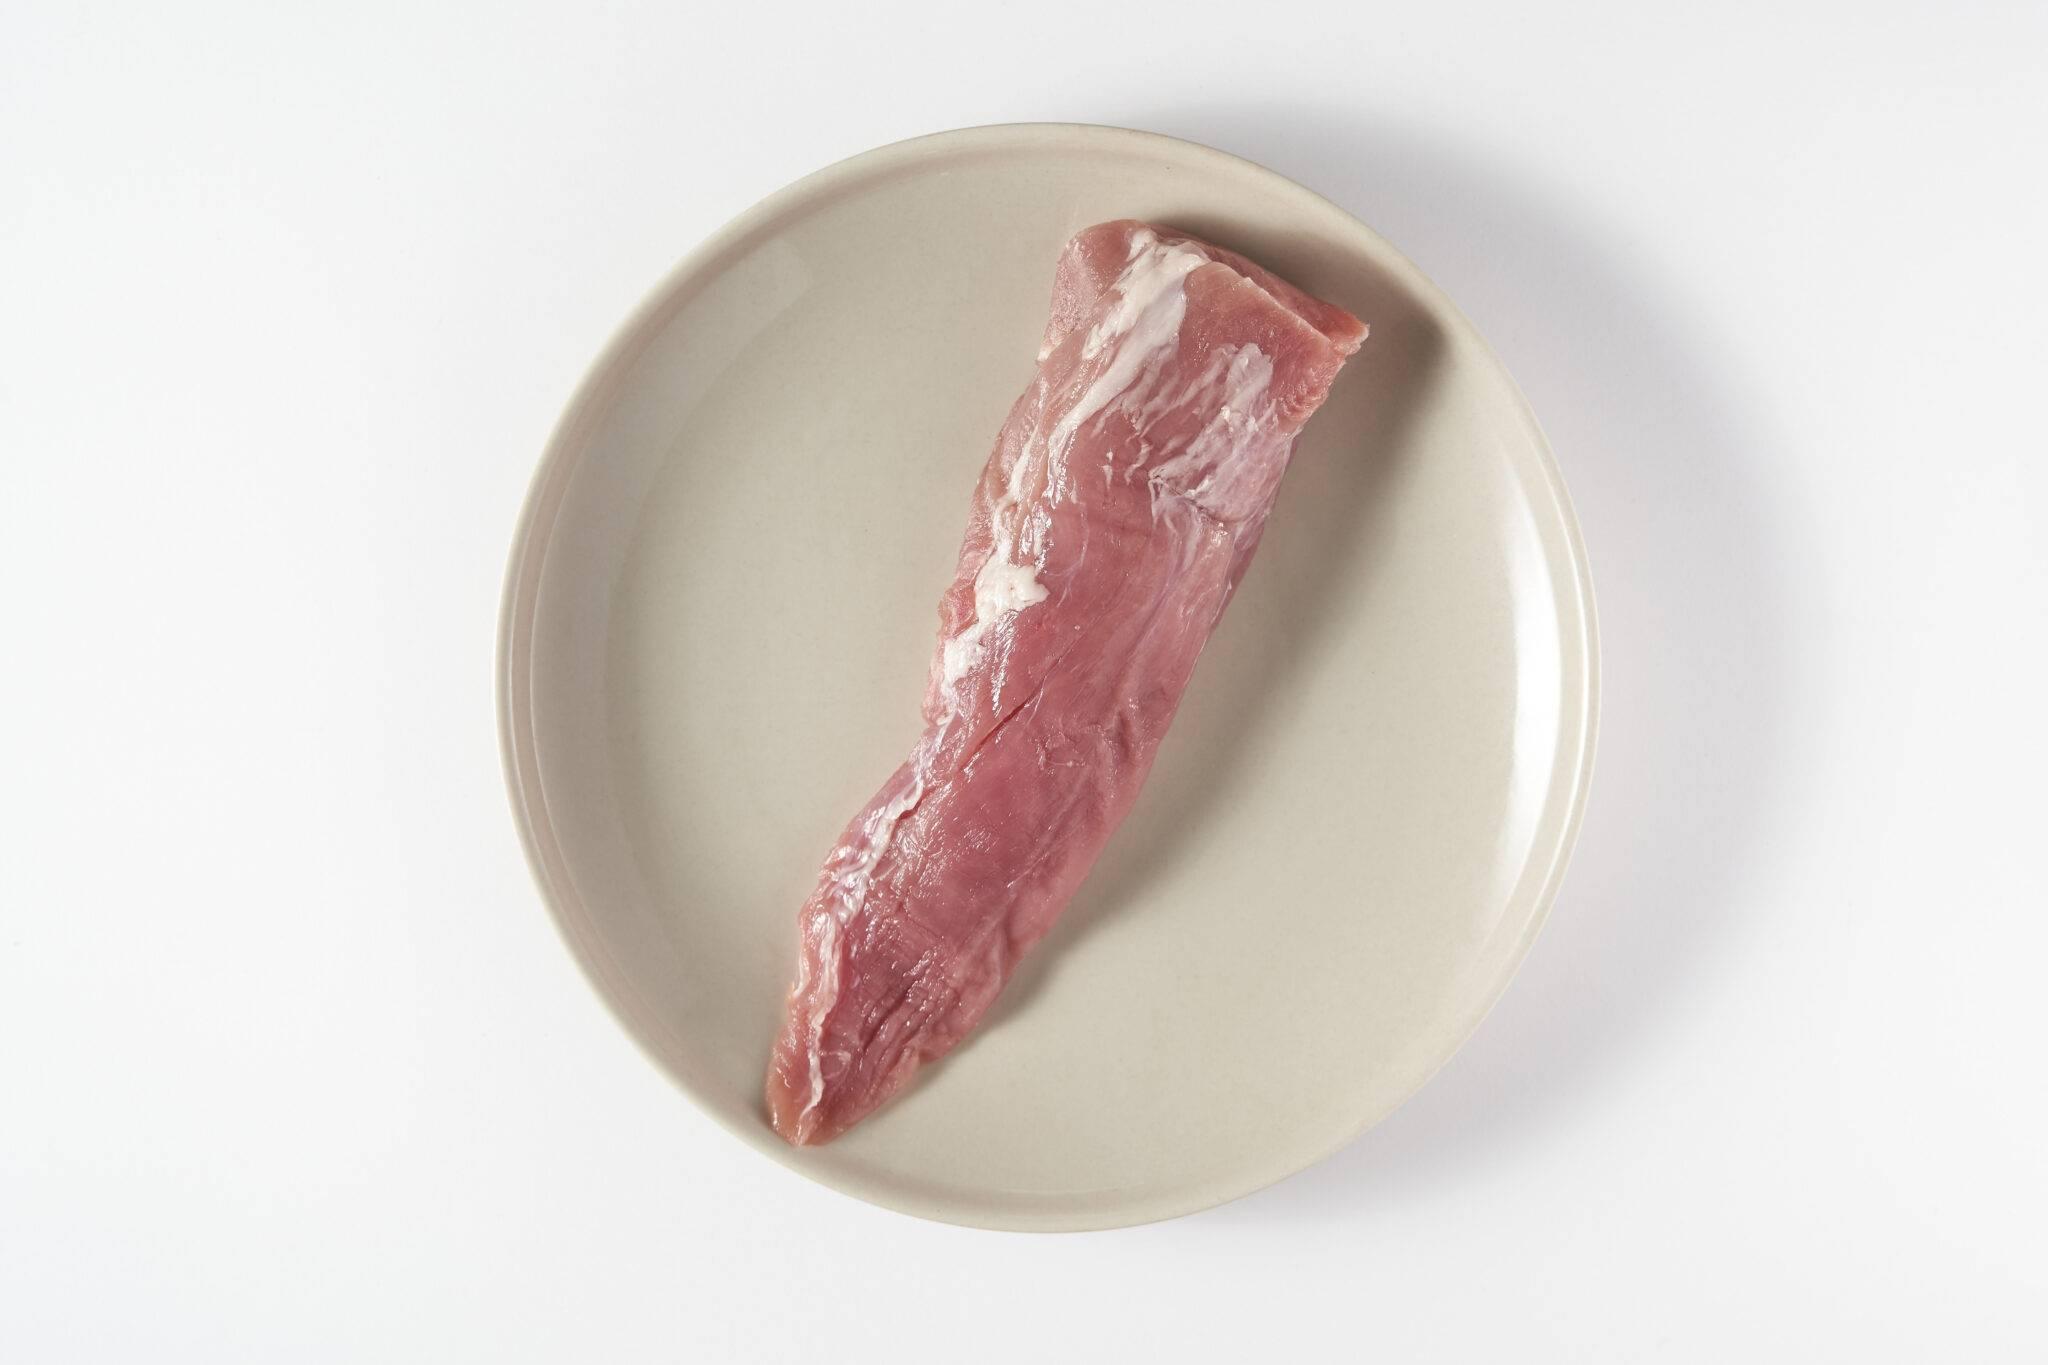 Vleesch & Co Varkenshaas van scharrelvarken